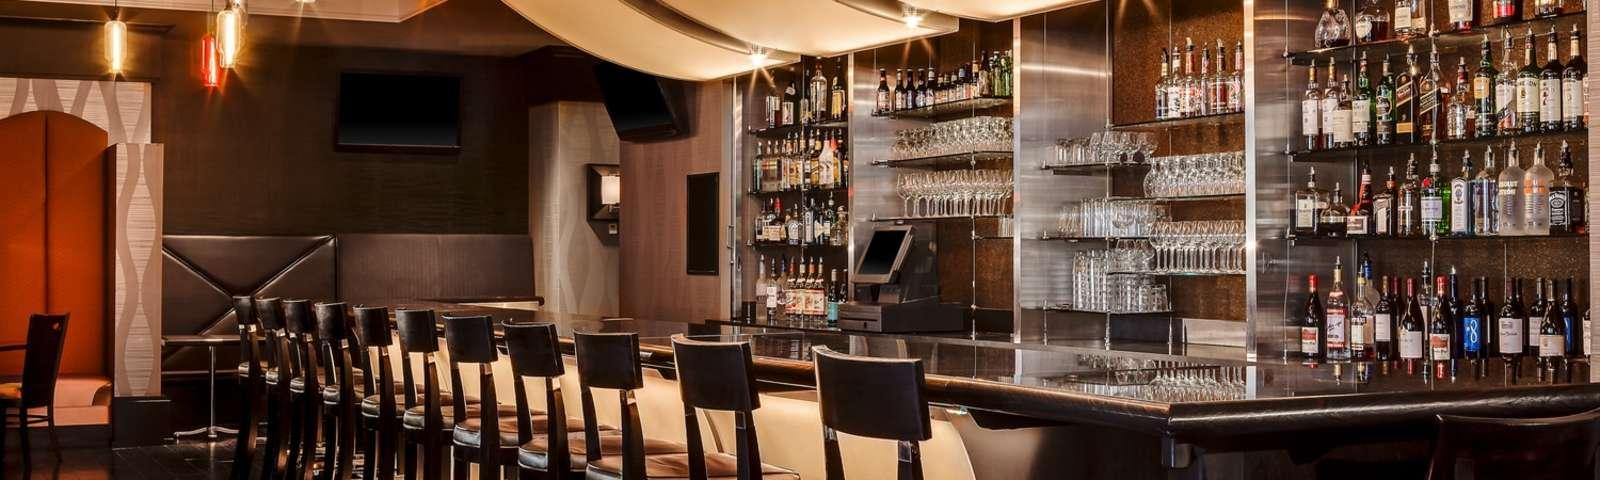 1906 Bar